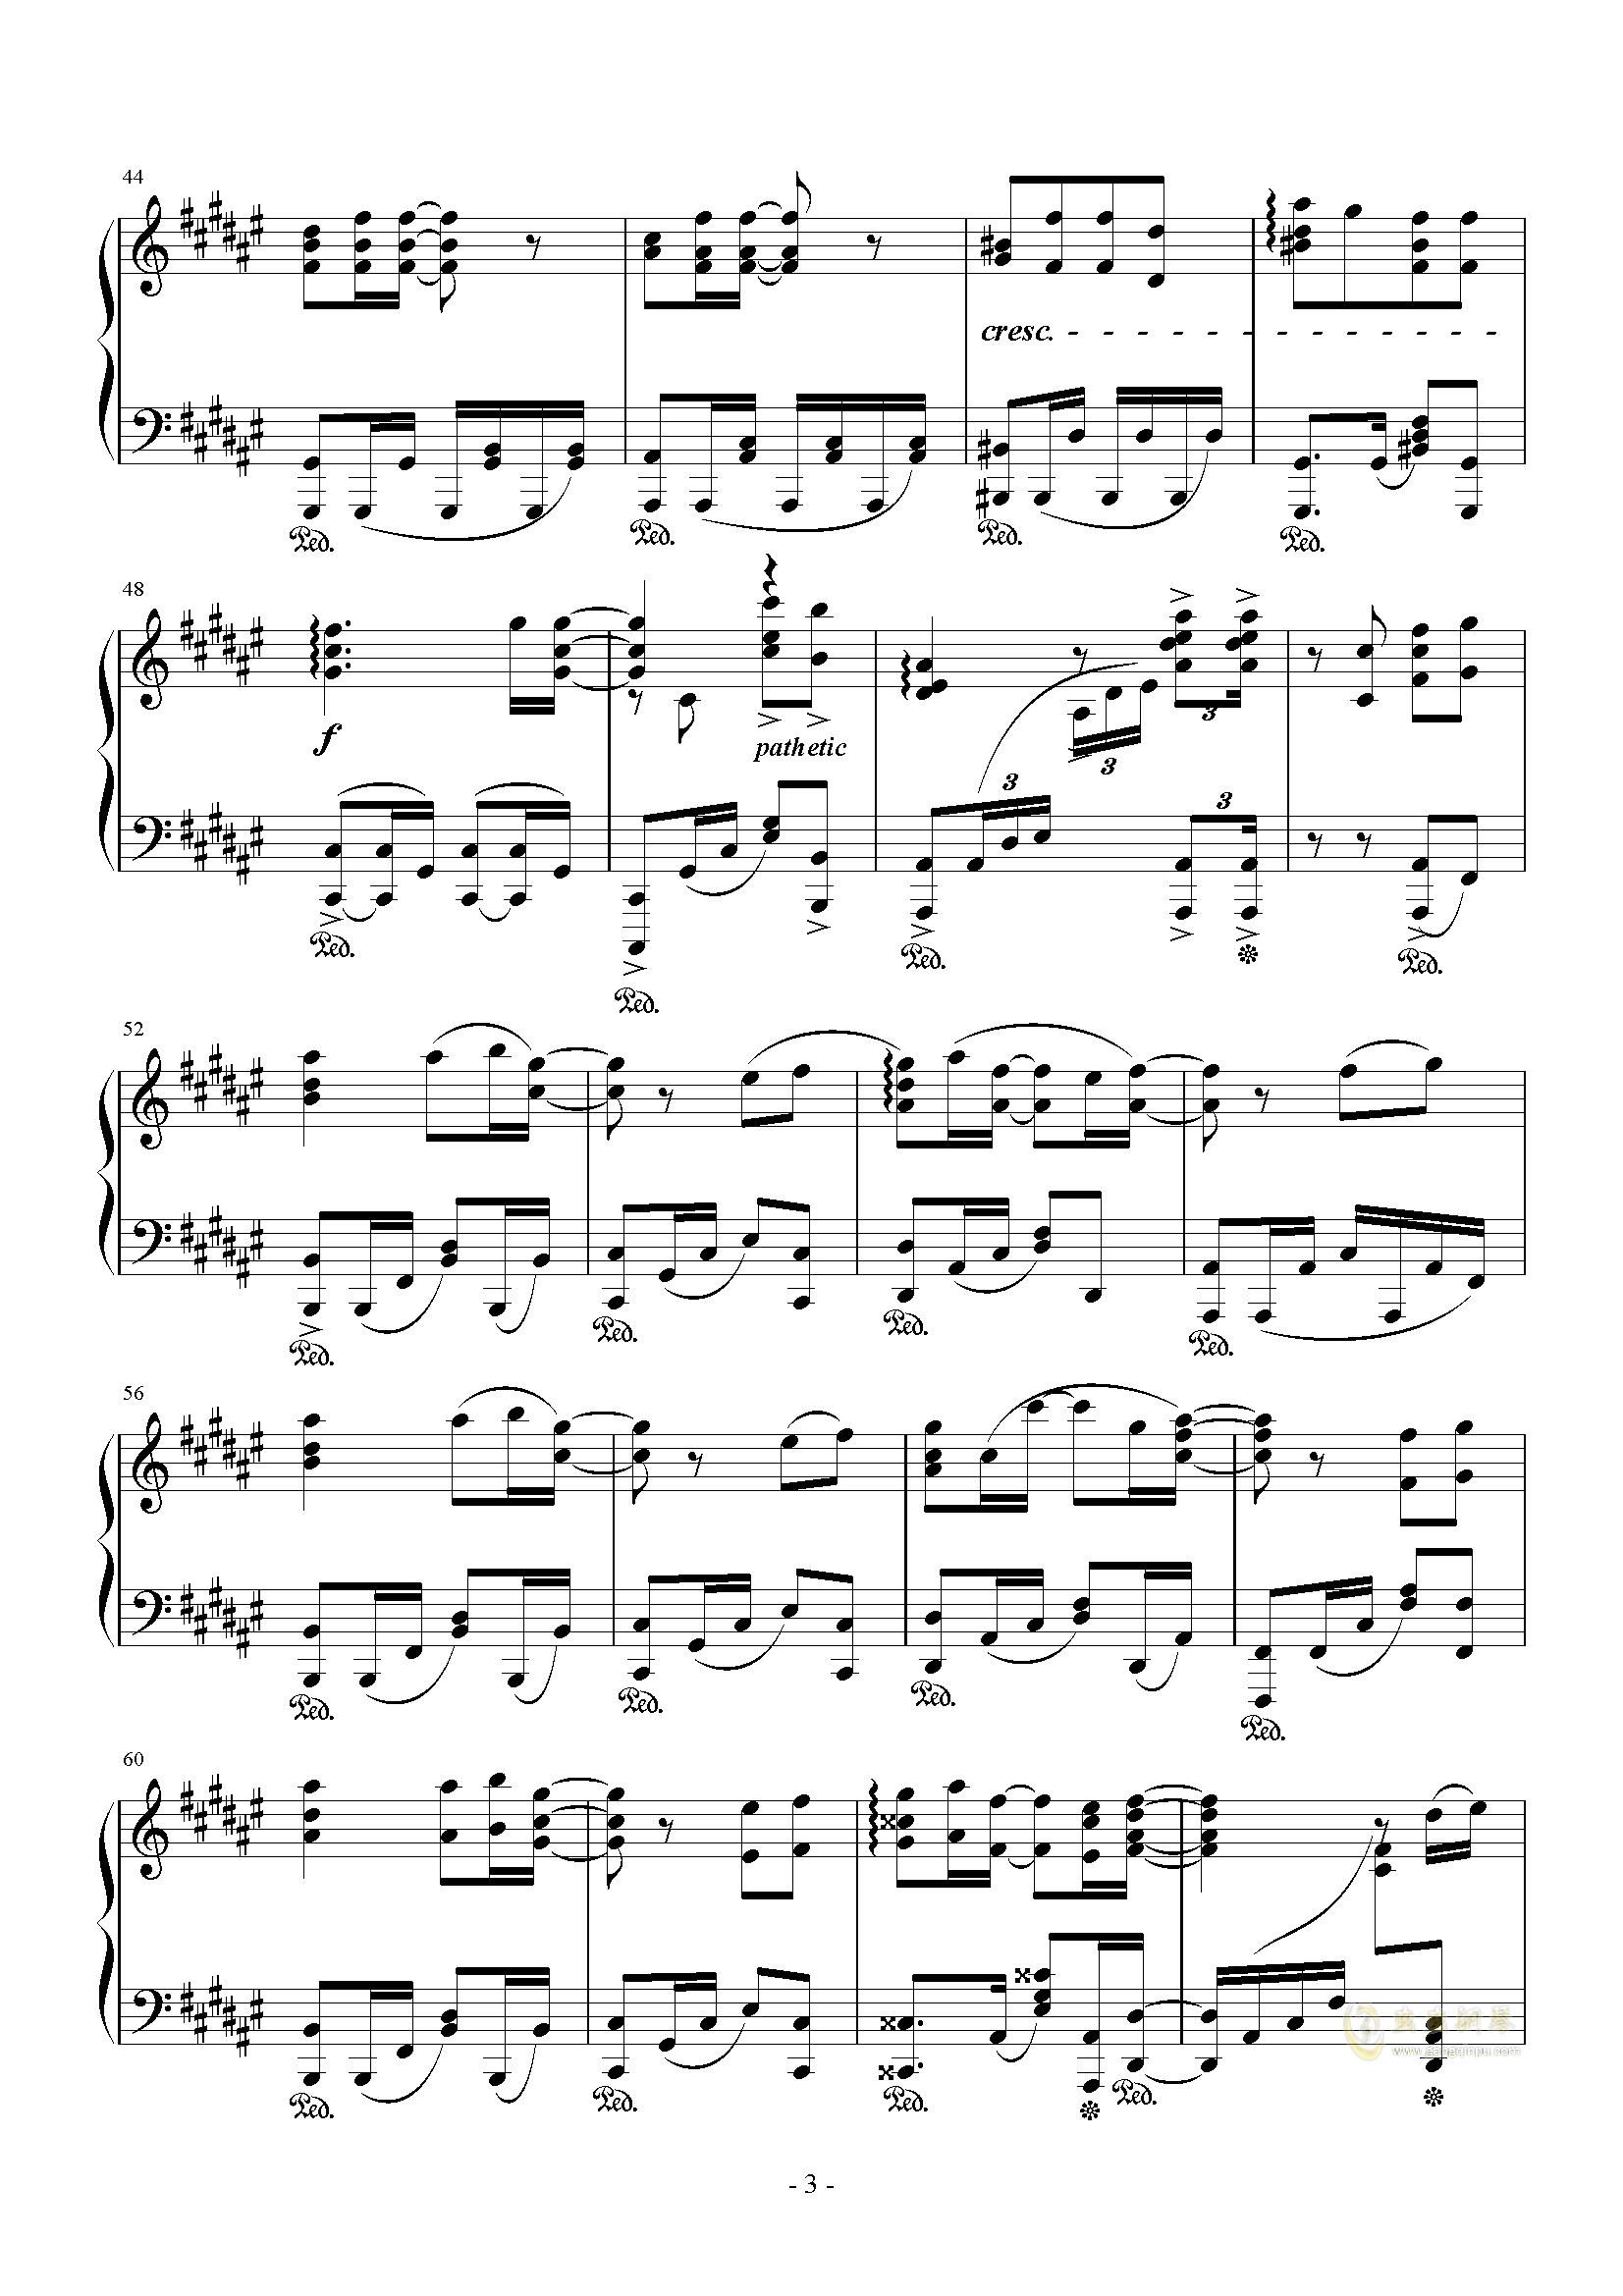 第八话 夏色恋花火,第八话 夏色恋花火钢琴谱,第八话 夏色恋花火